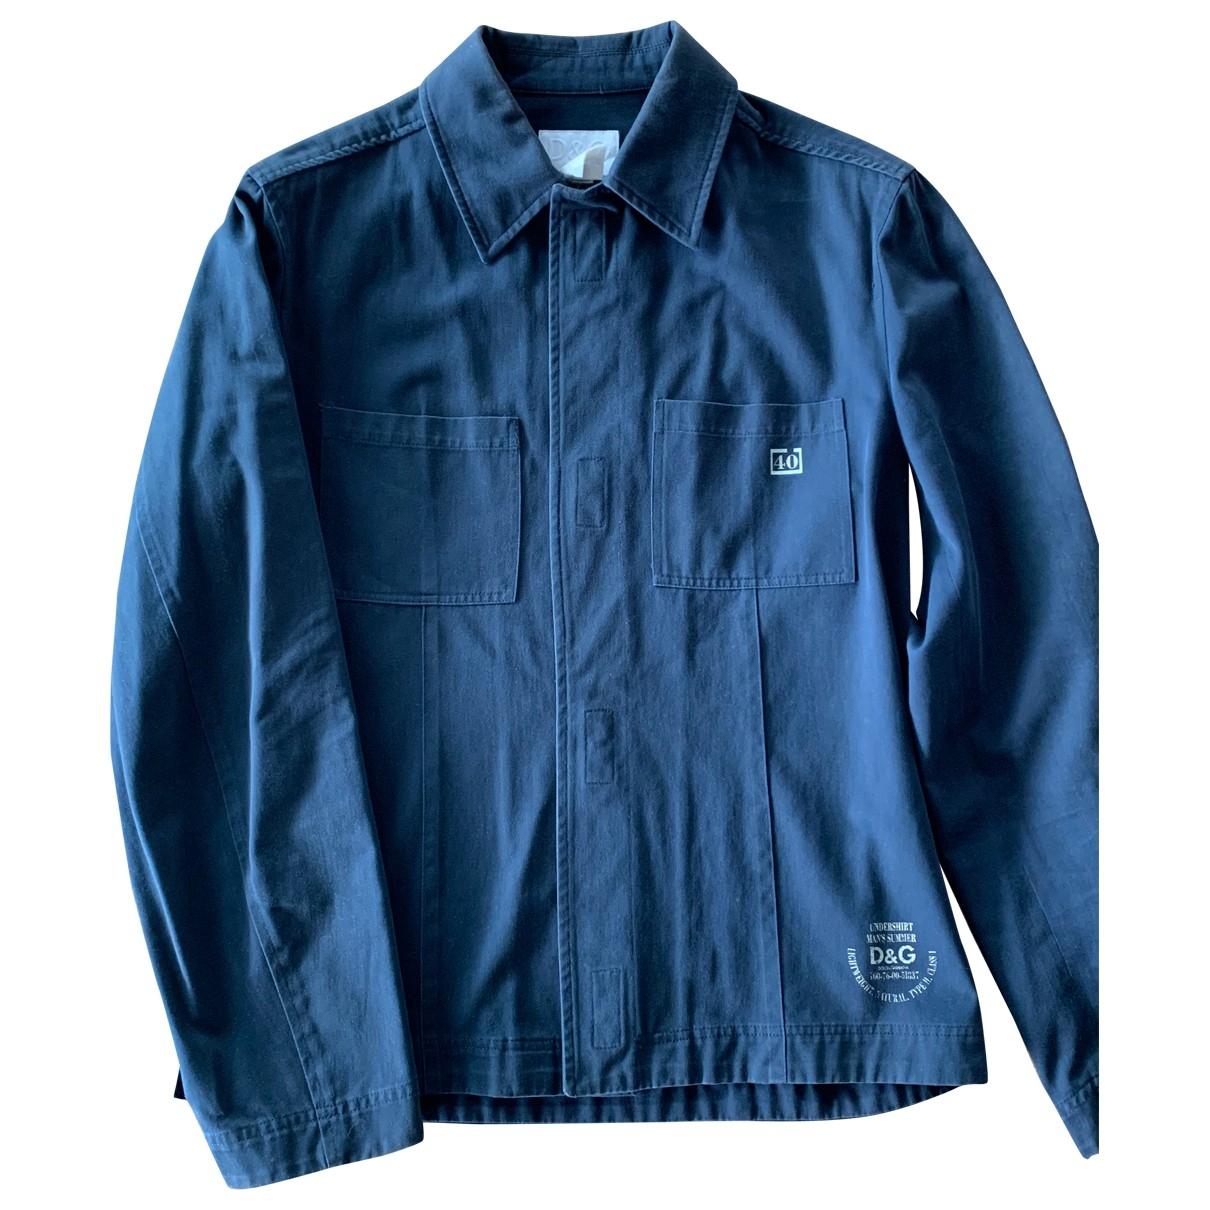 D&g - Vestes.Blousons   pour homme en coton - bleu